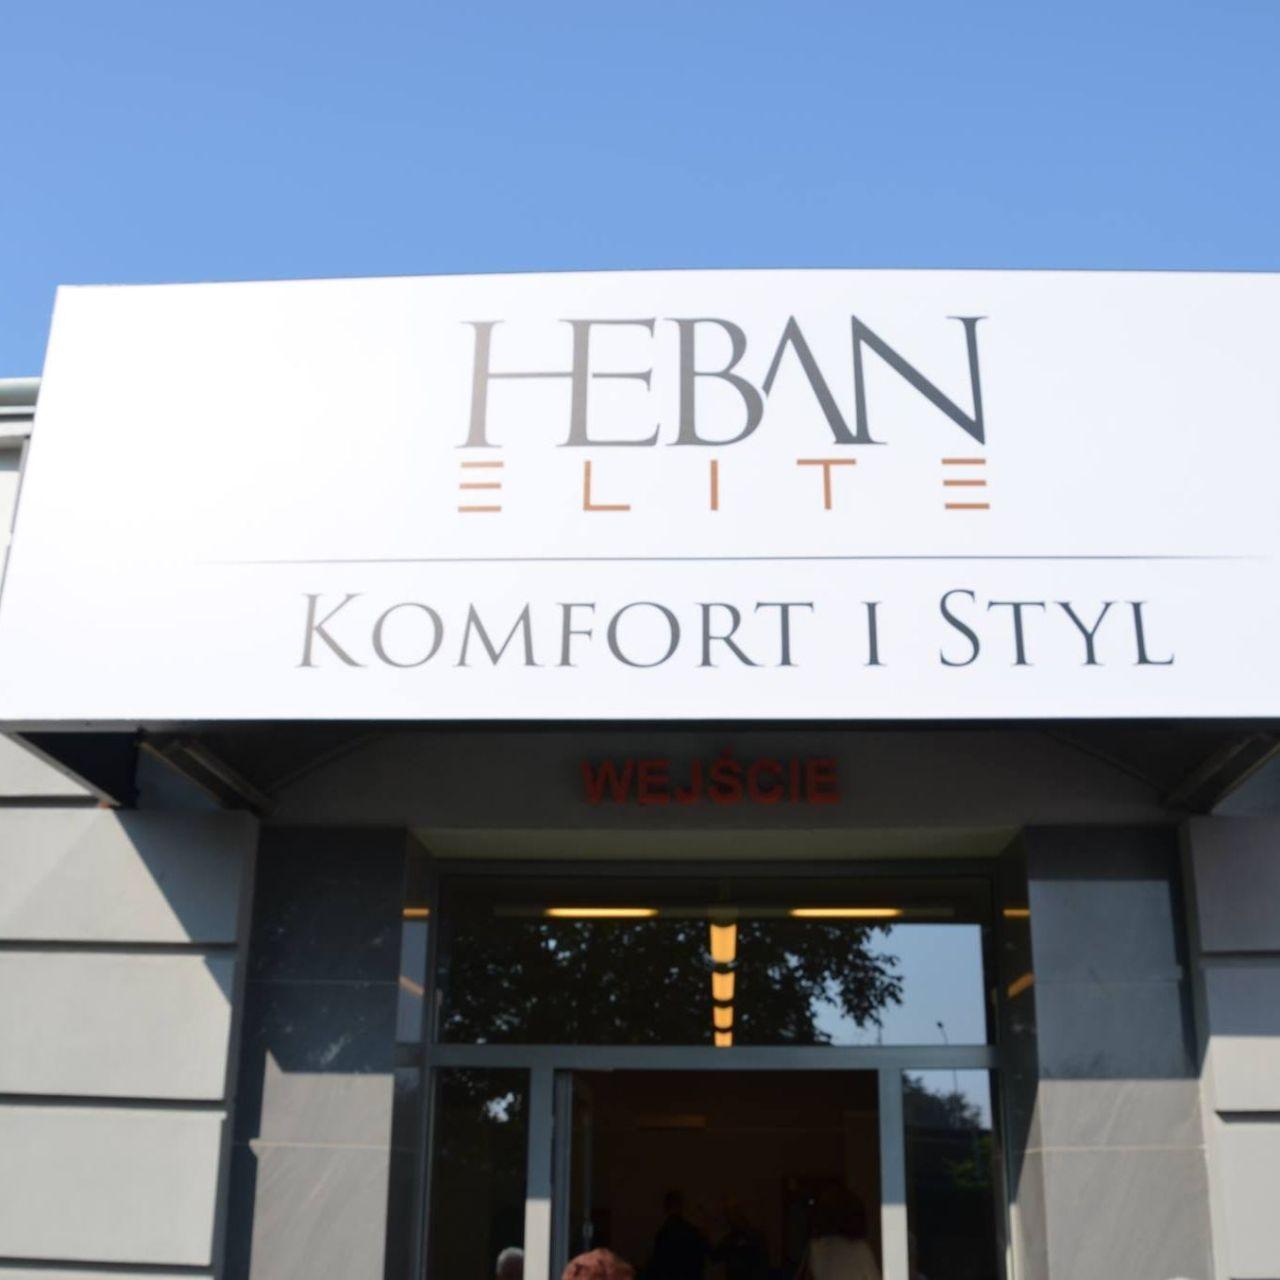 Heban Elite